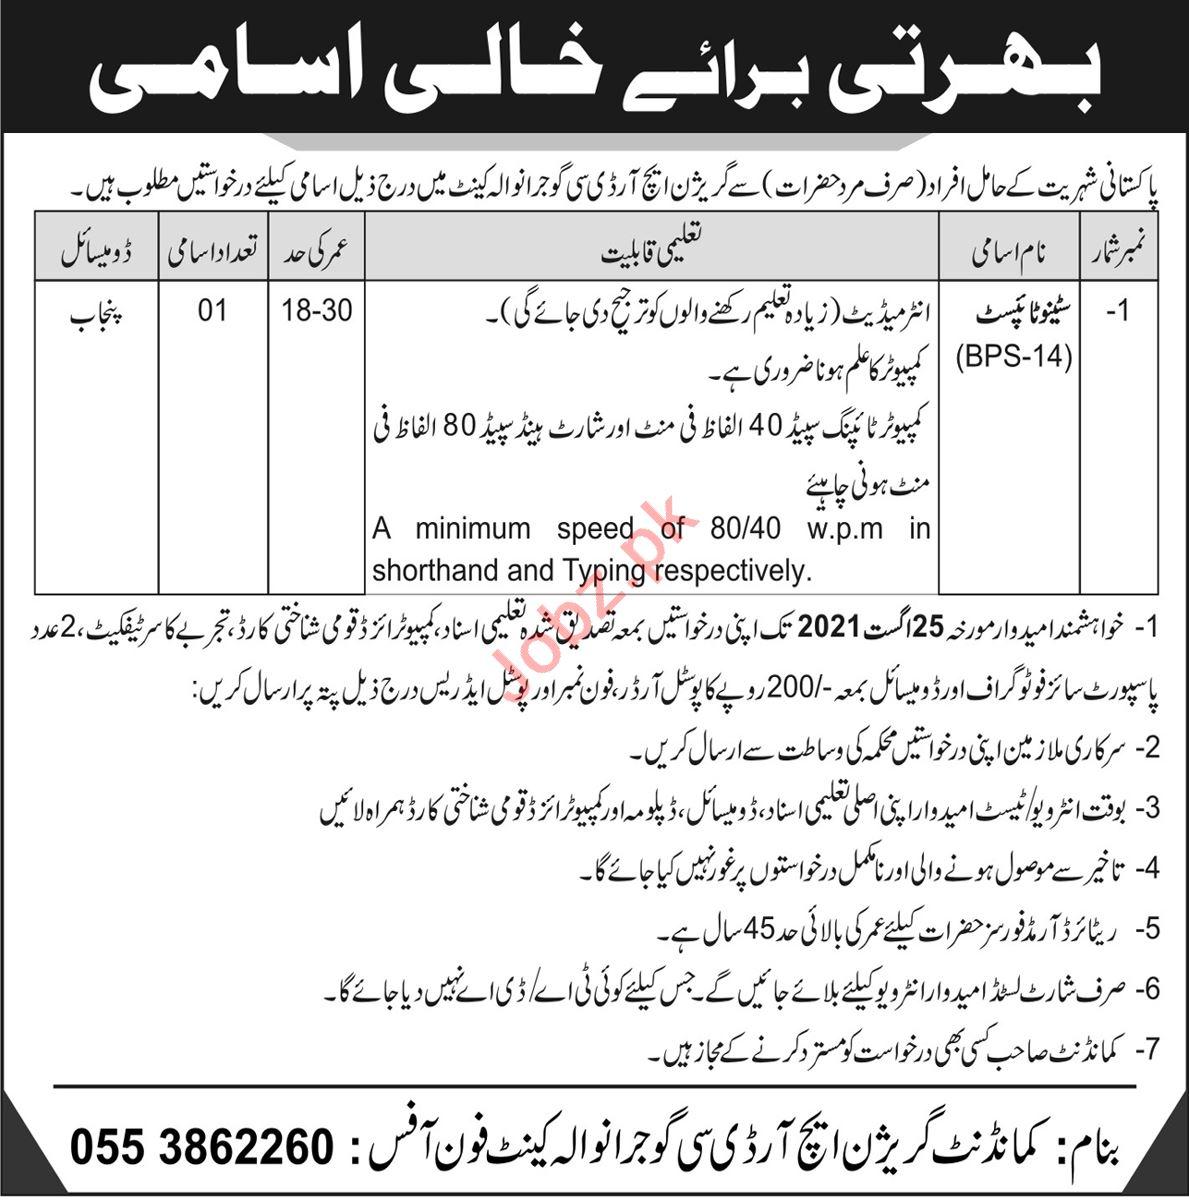 Garrison HRDC Gujranwala Cantt Jobs 2021 for Stenotypist